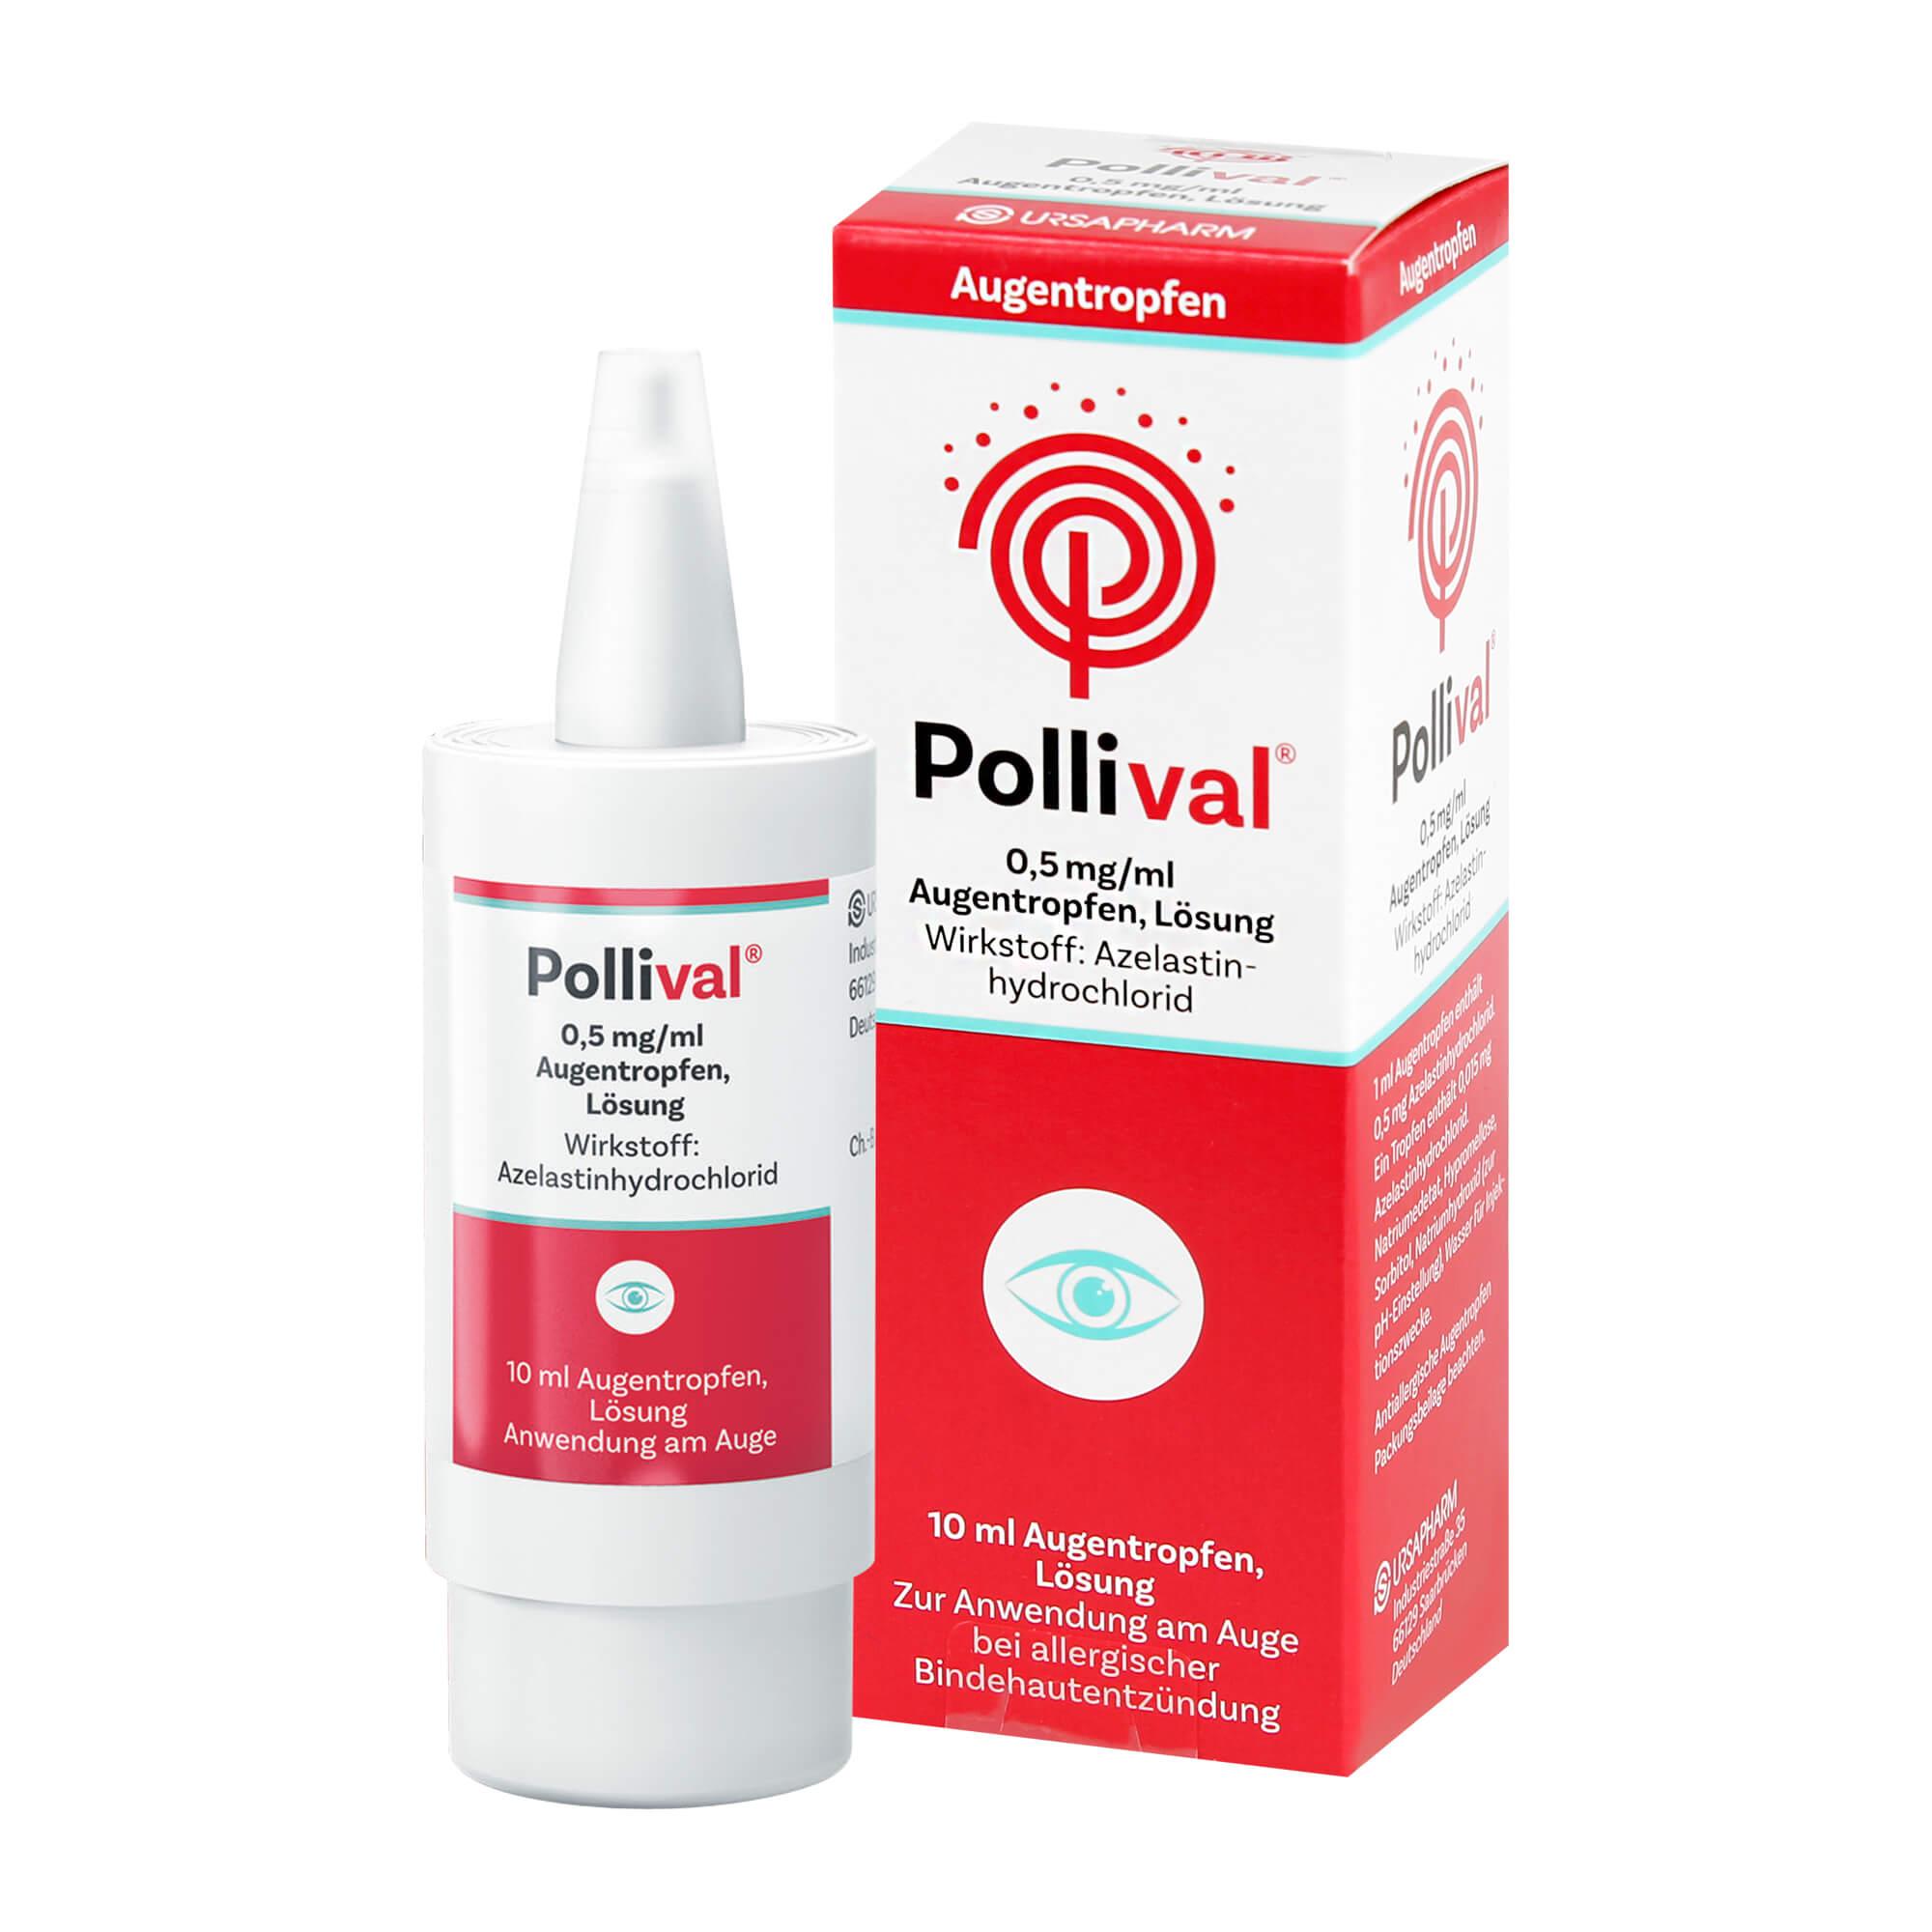 Pollival 0,5 mg/ml Augentropfen